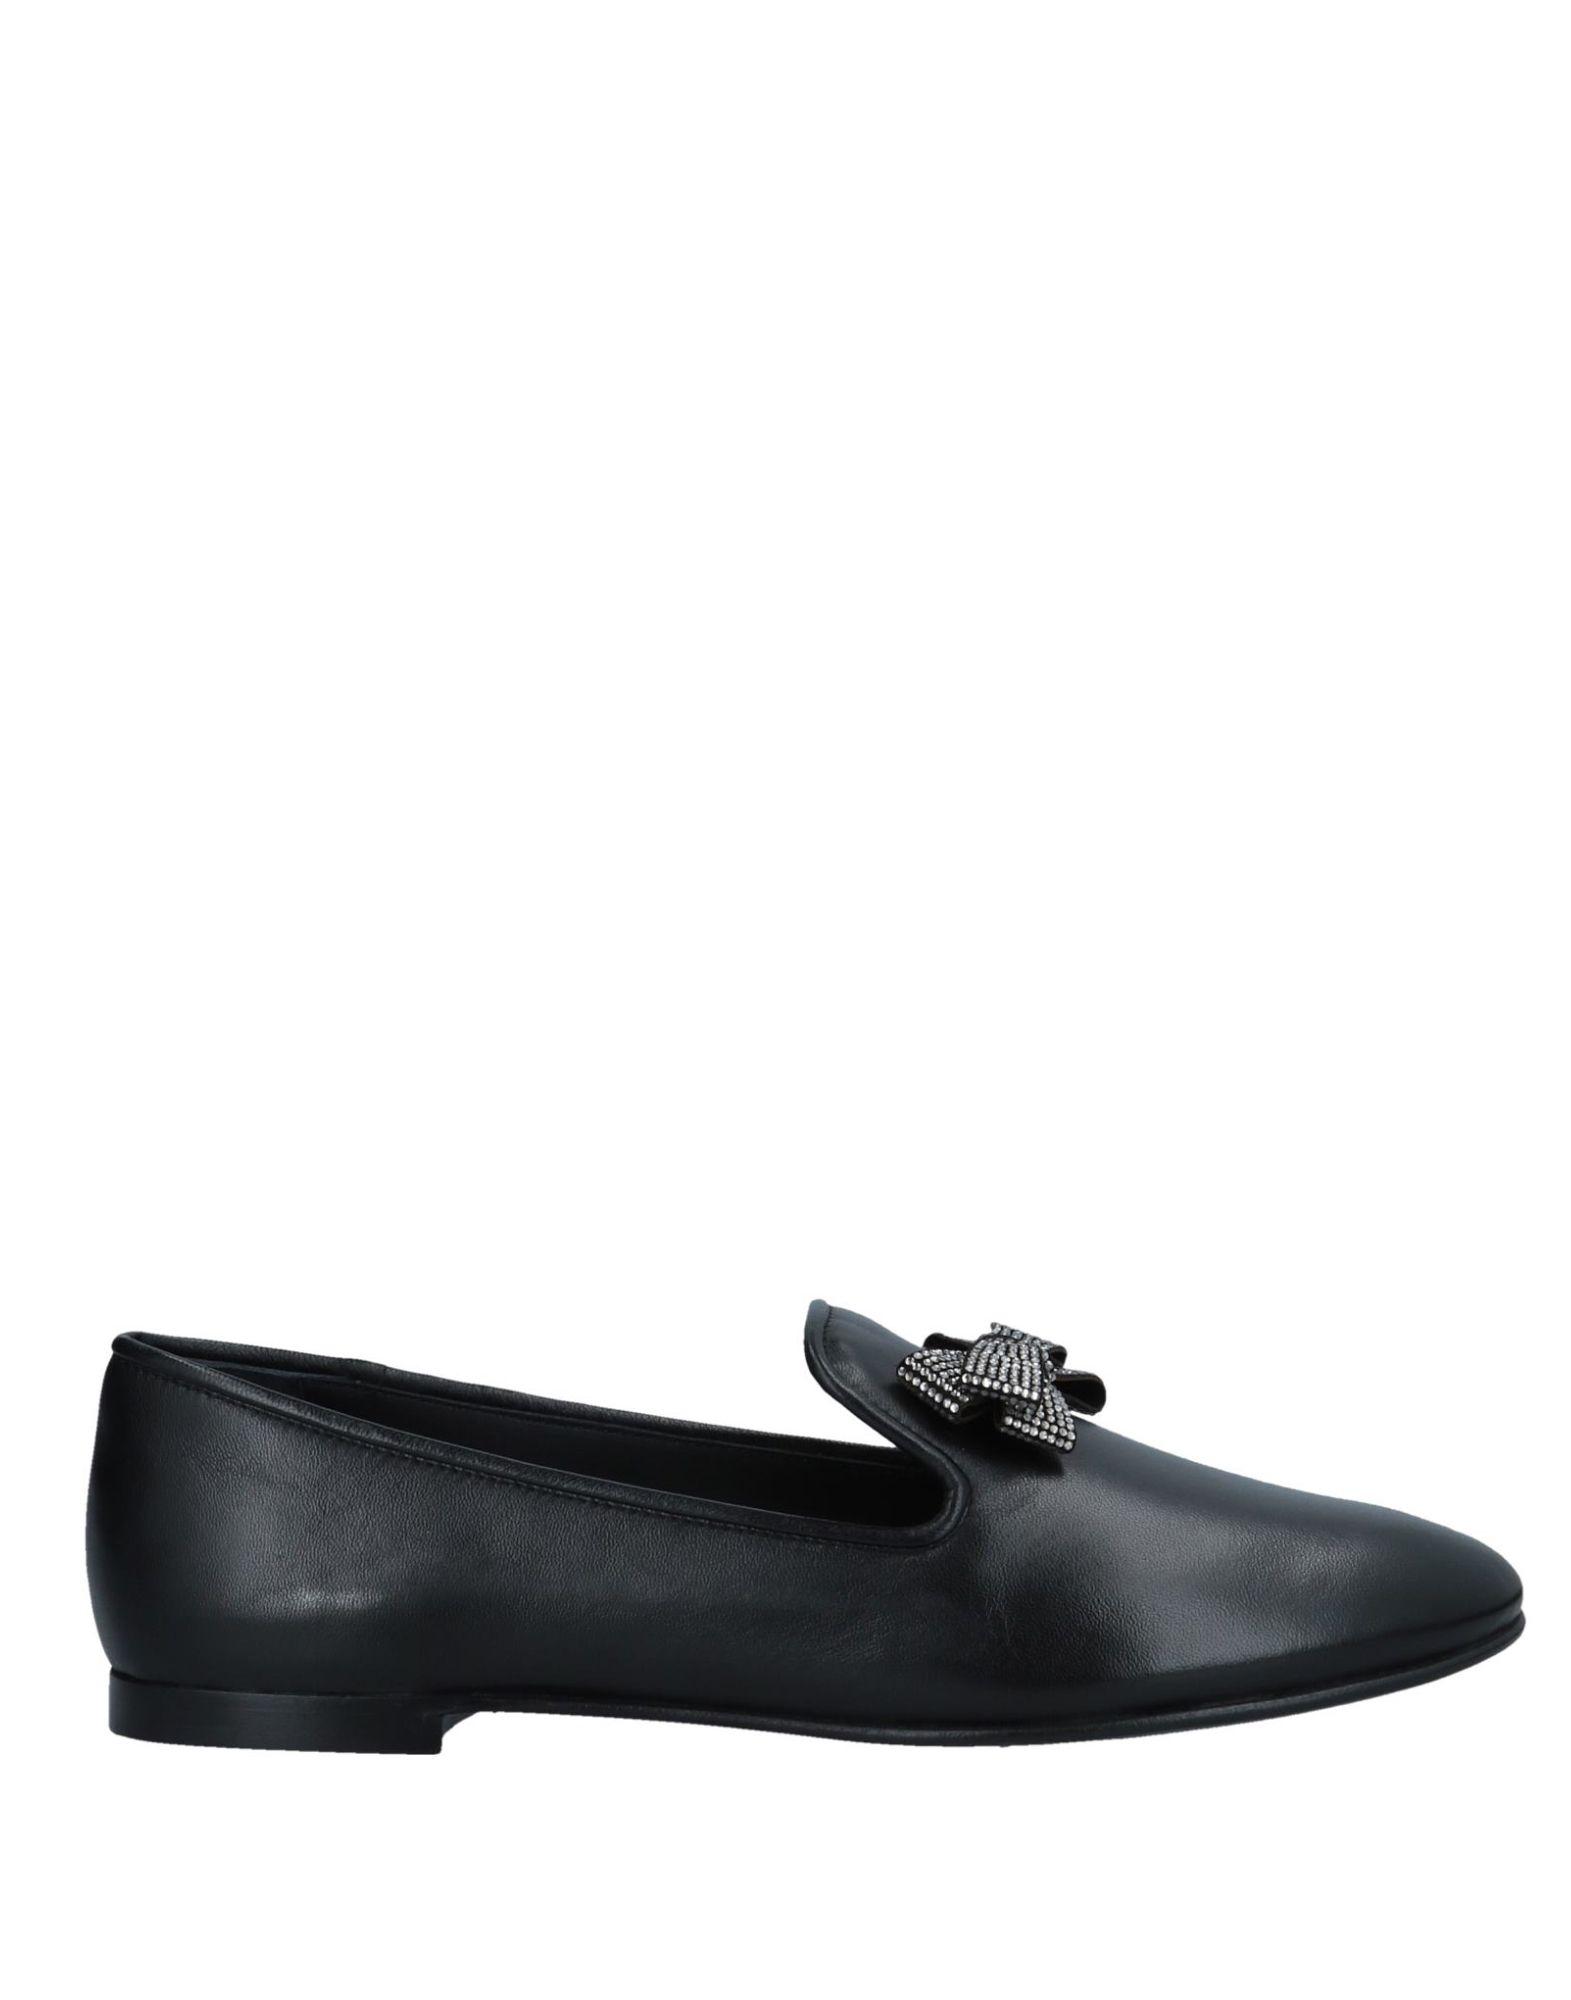 Giuseppe Zanotti Mokassins Damen  Schuhe 11553552WEGünstige gut aussehende Schuhe  9fd602